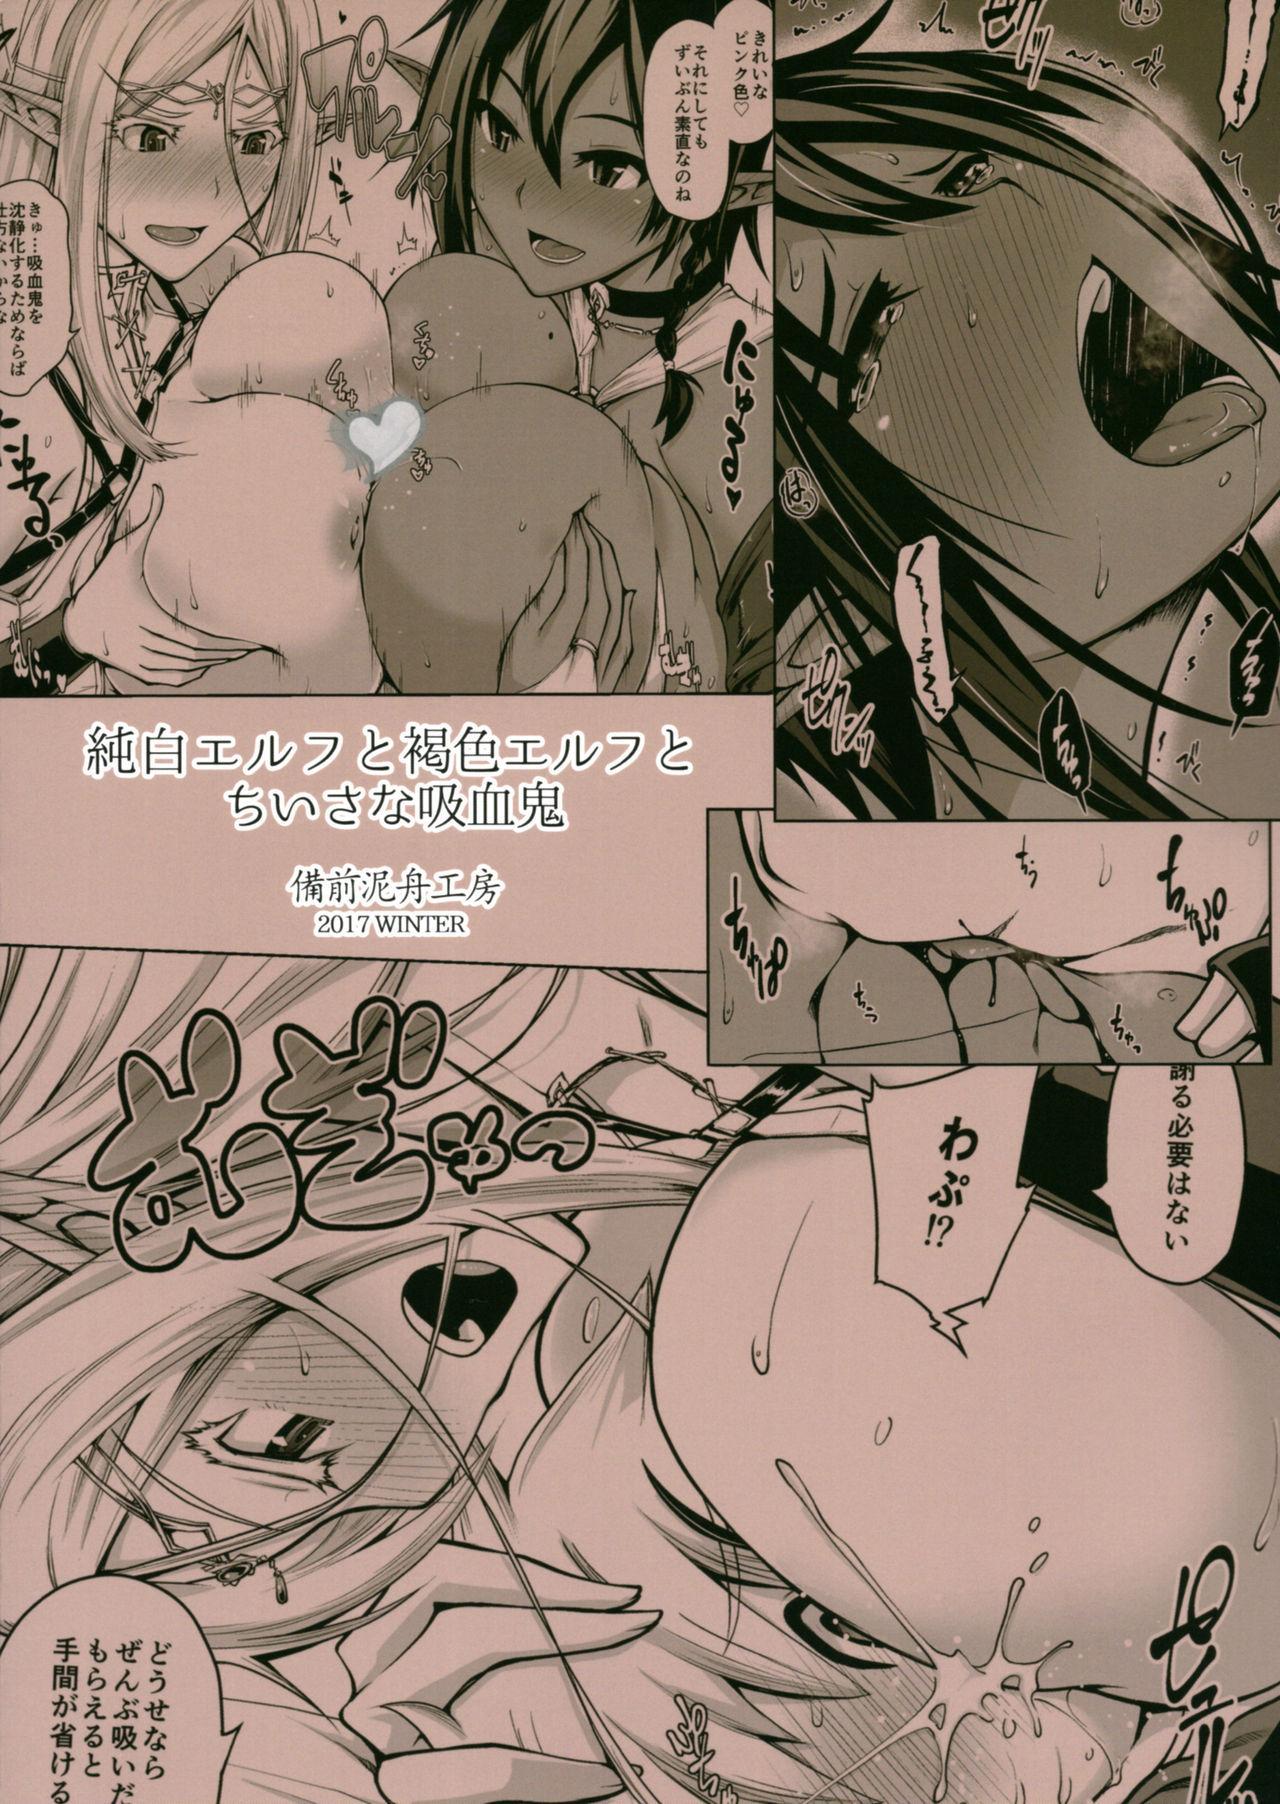 Junpaku Elf to Kasshoku Elf to Chiisana Kyuuketsuki 25